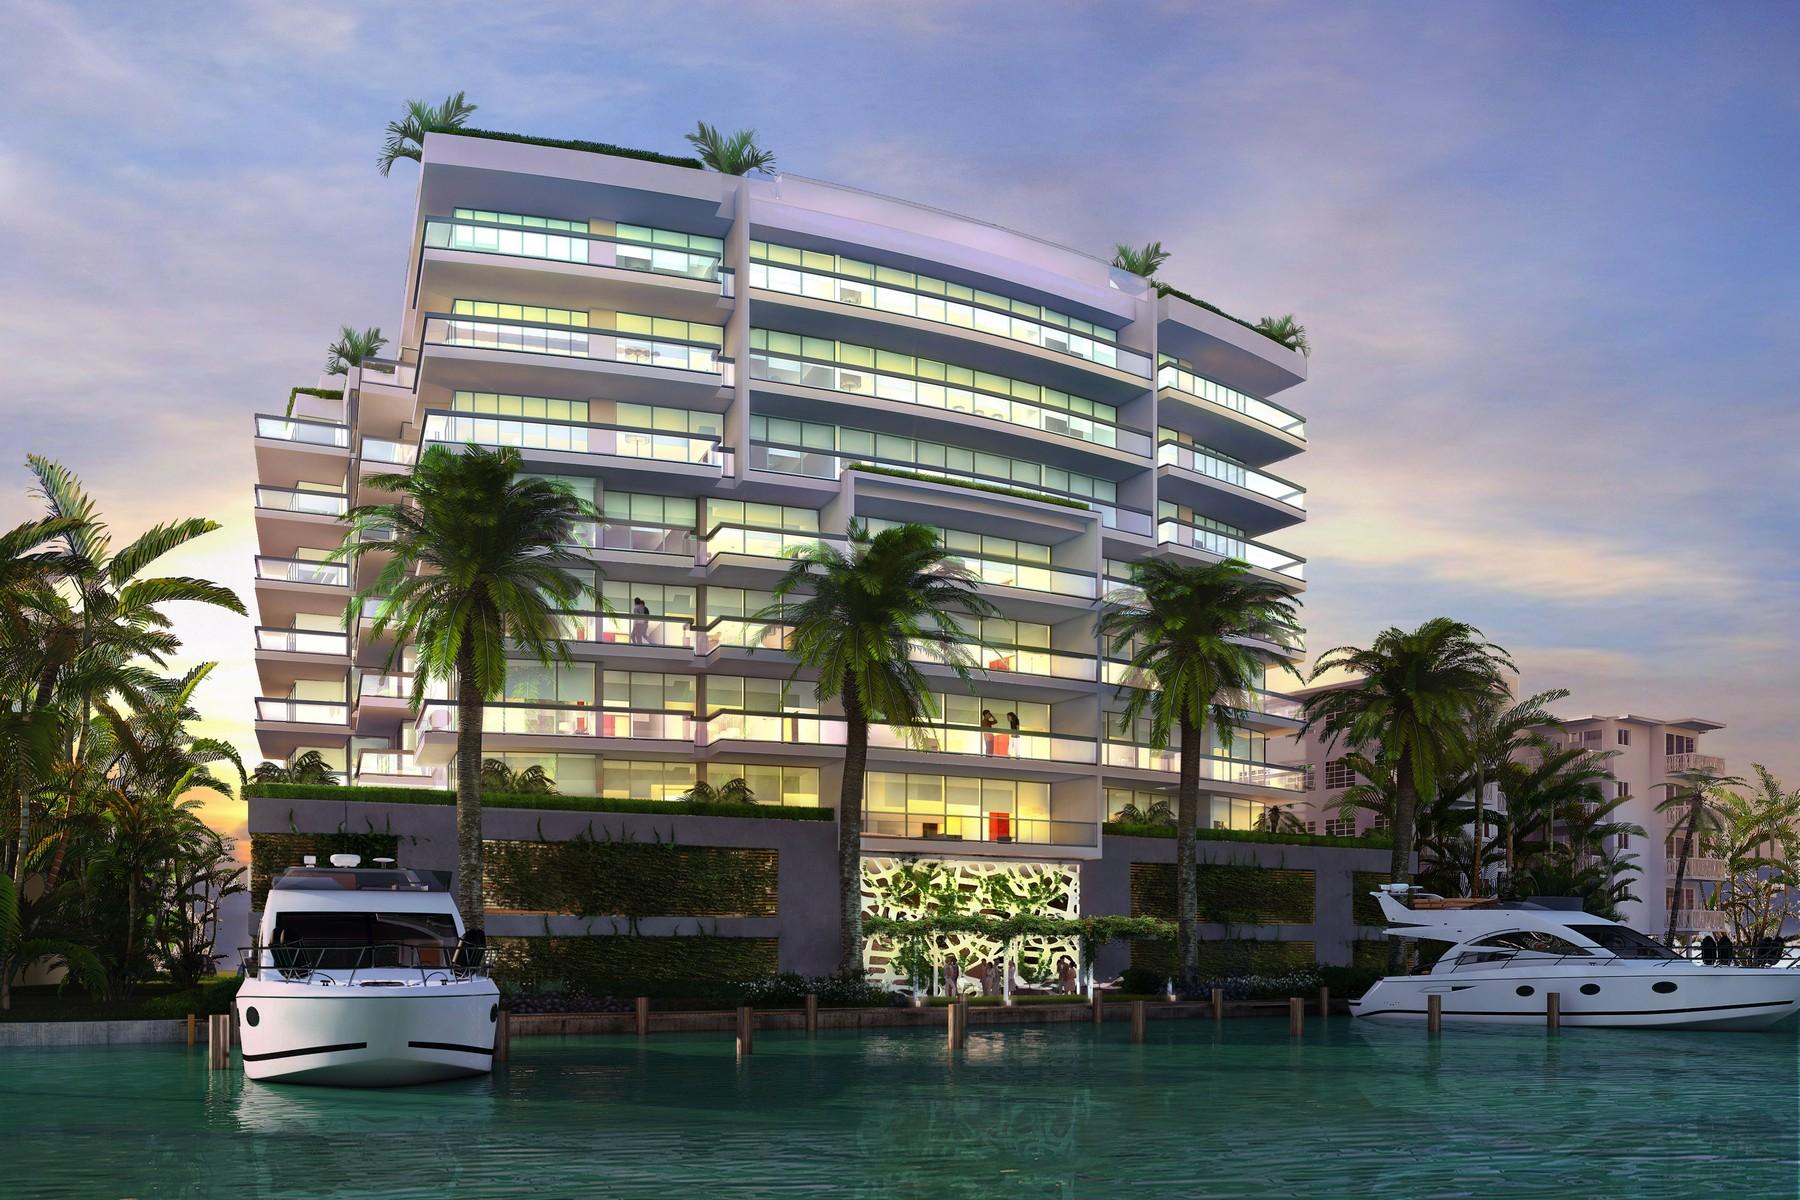 共管式独立产权公寓 为 销售 在 9241 E Bay Harbor Dr #802 迈阿密海滩, 佛罗里达州 33154 美国